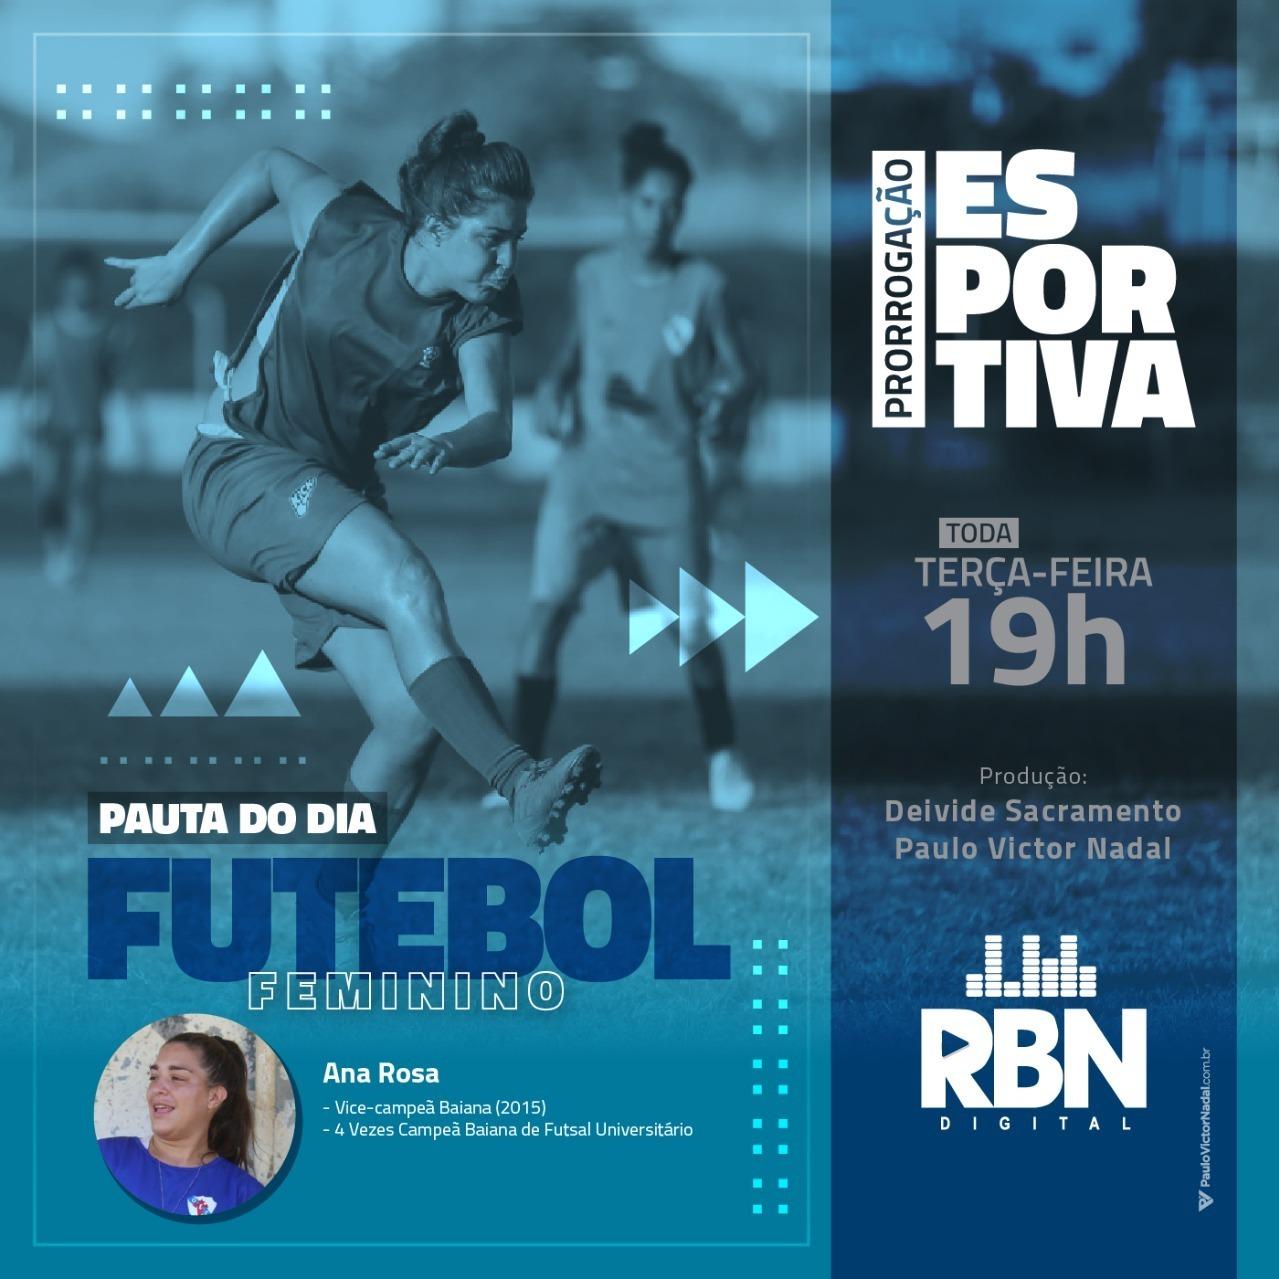 Prorrogação Esportiva #36 Futebol Feminino